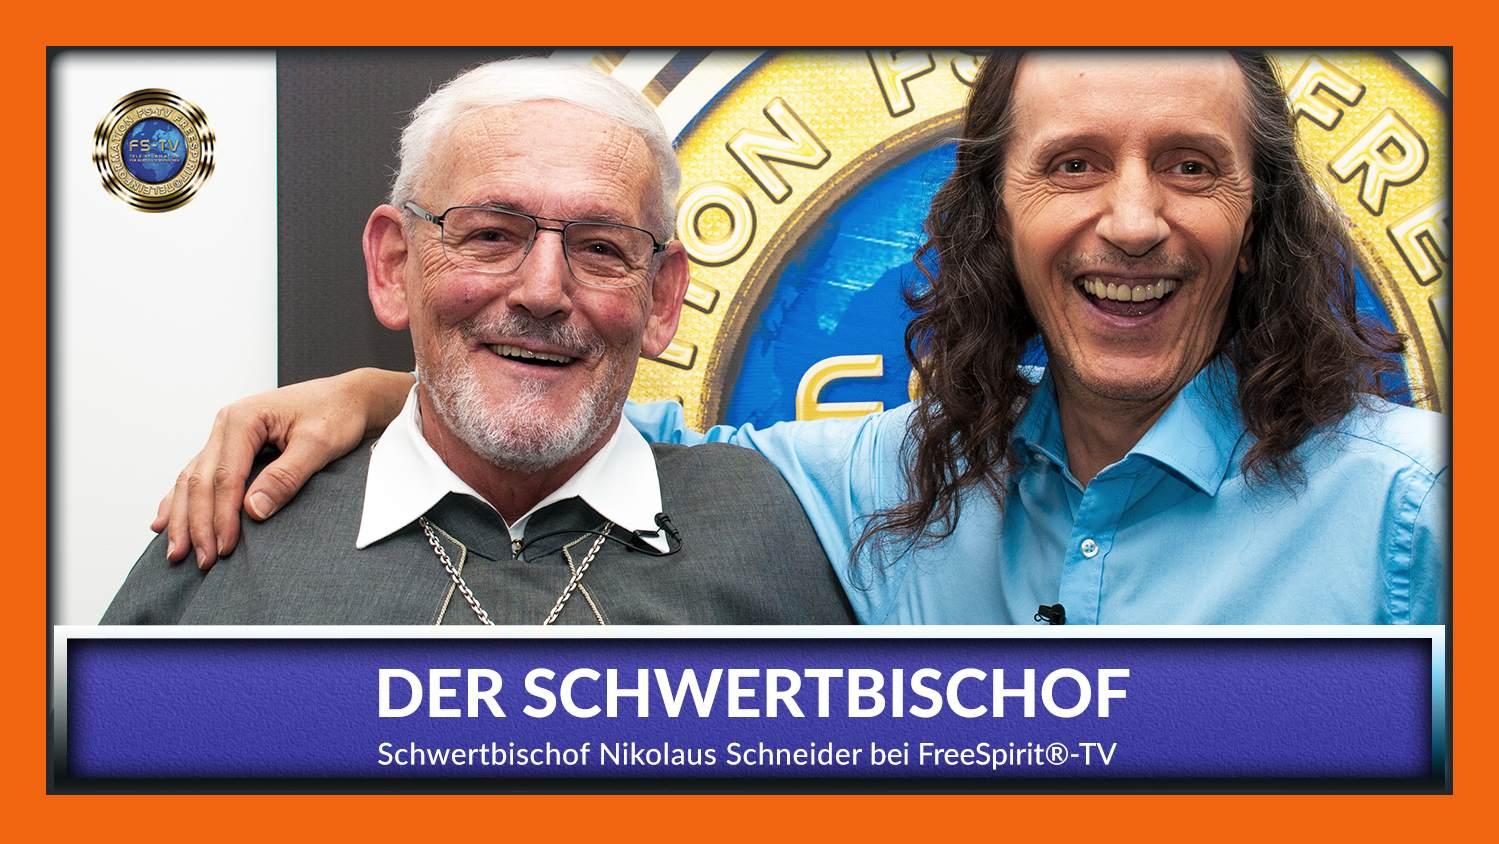 Schwert Bischof Nikolaus Schneider